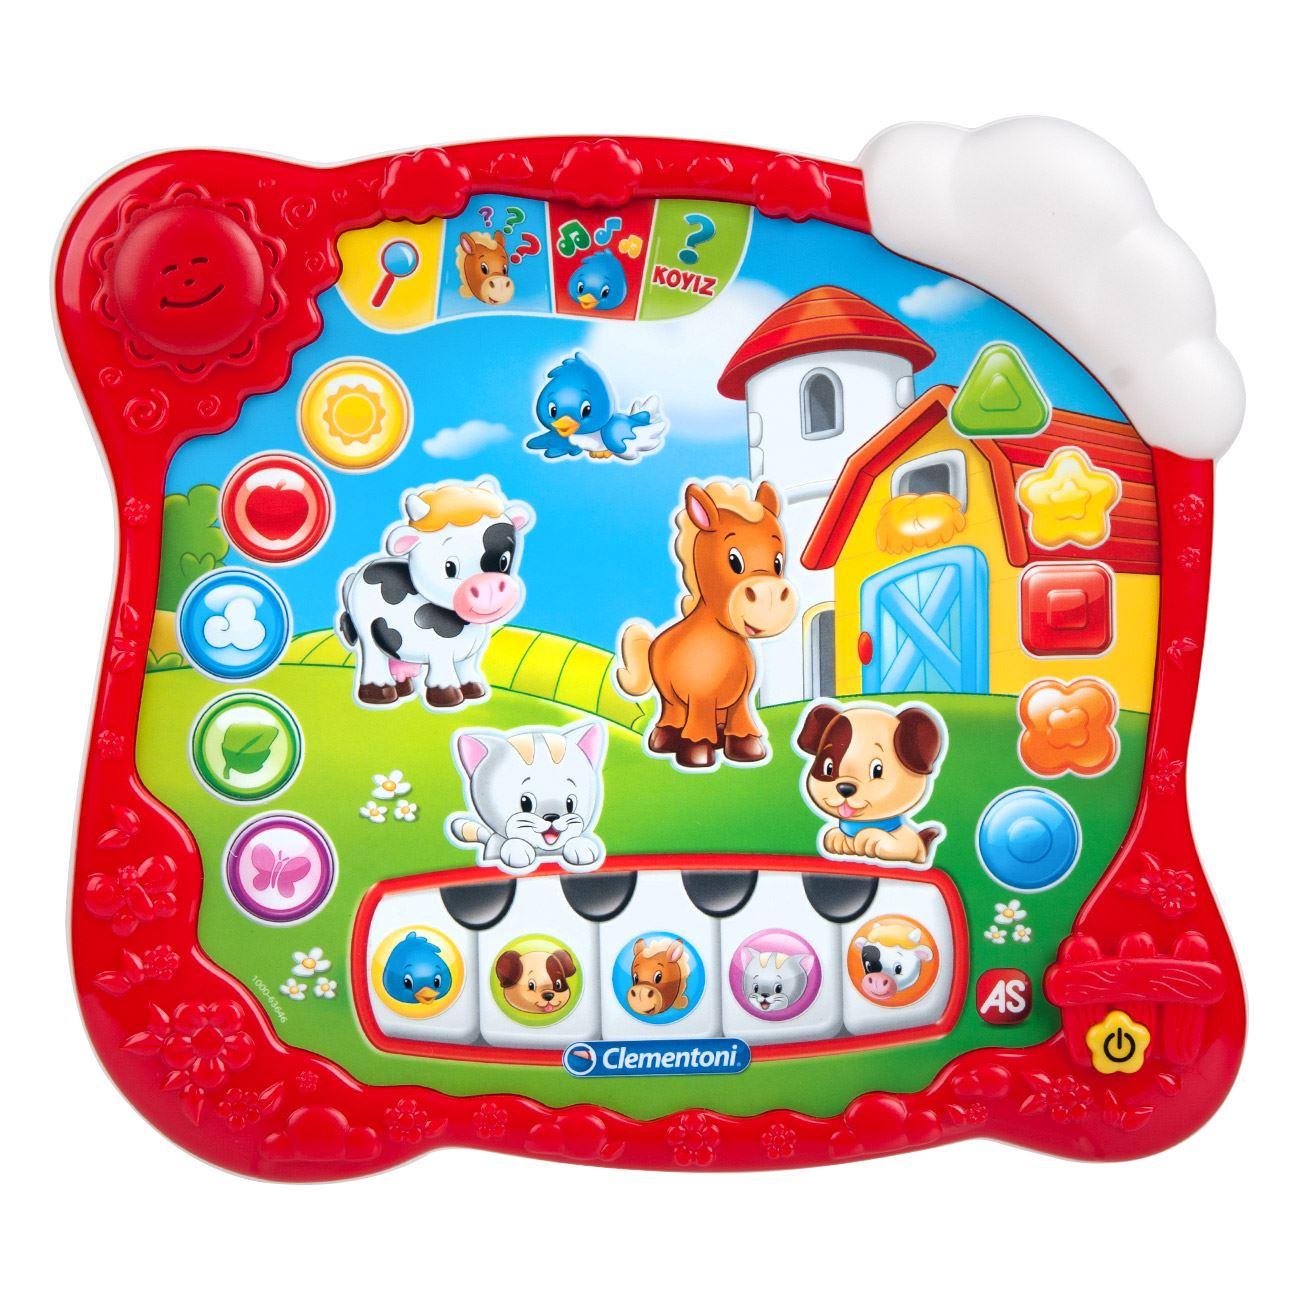 d24c630d4fd1f Acasă   jucarii si jocuri   Jucarii bebe si copii mici   Jucarie bebe prima  tableta educativa interactiva Clementoni